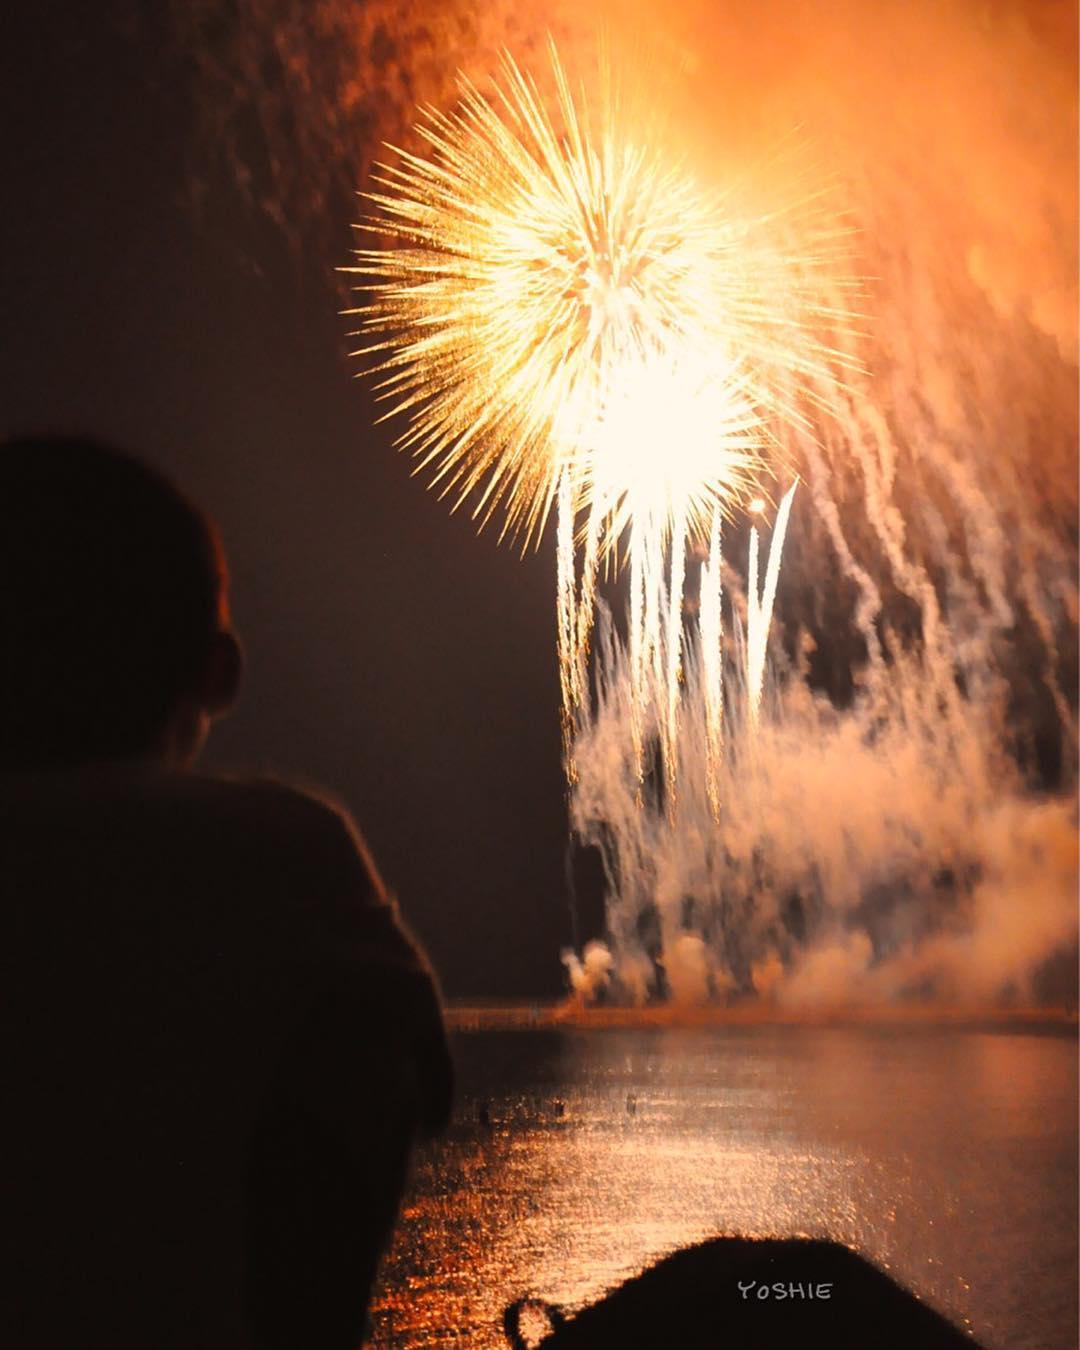 8月15日、小ちゃな我が家で一緒に花火を見ましょうin淡路島